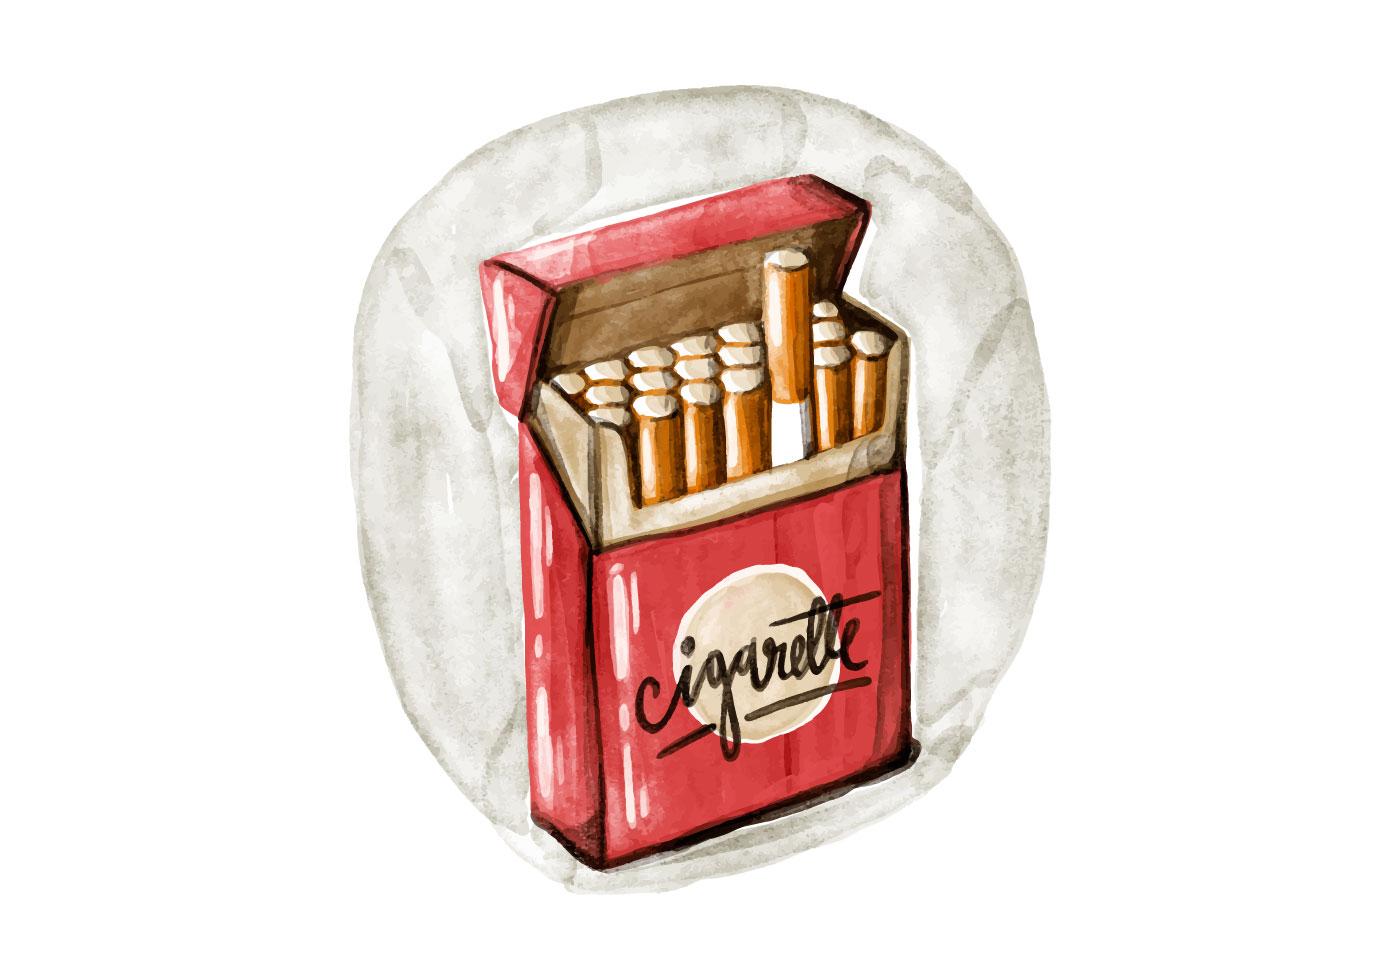 конечно рисунки на сигаретах хлеба, разбросанные столе